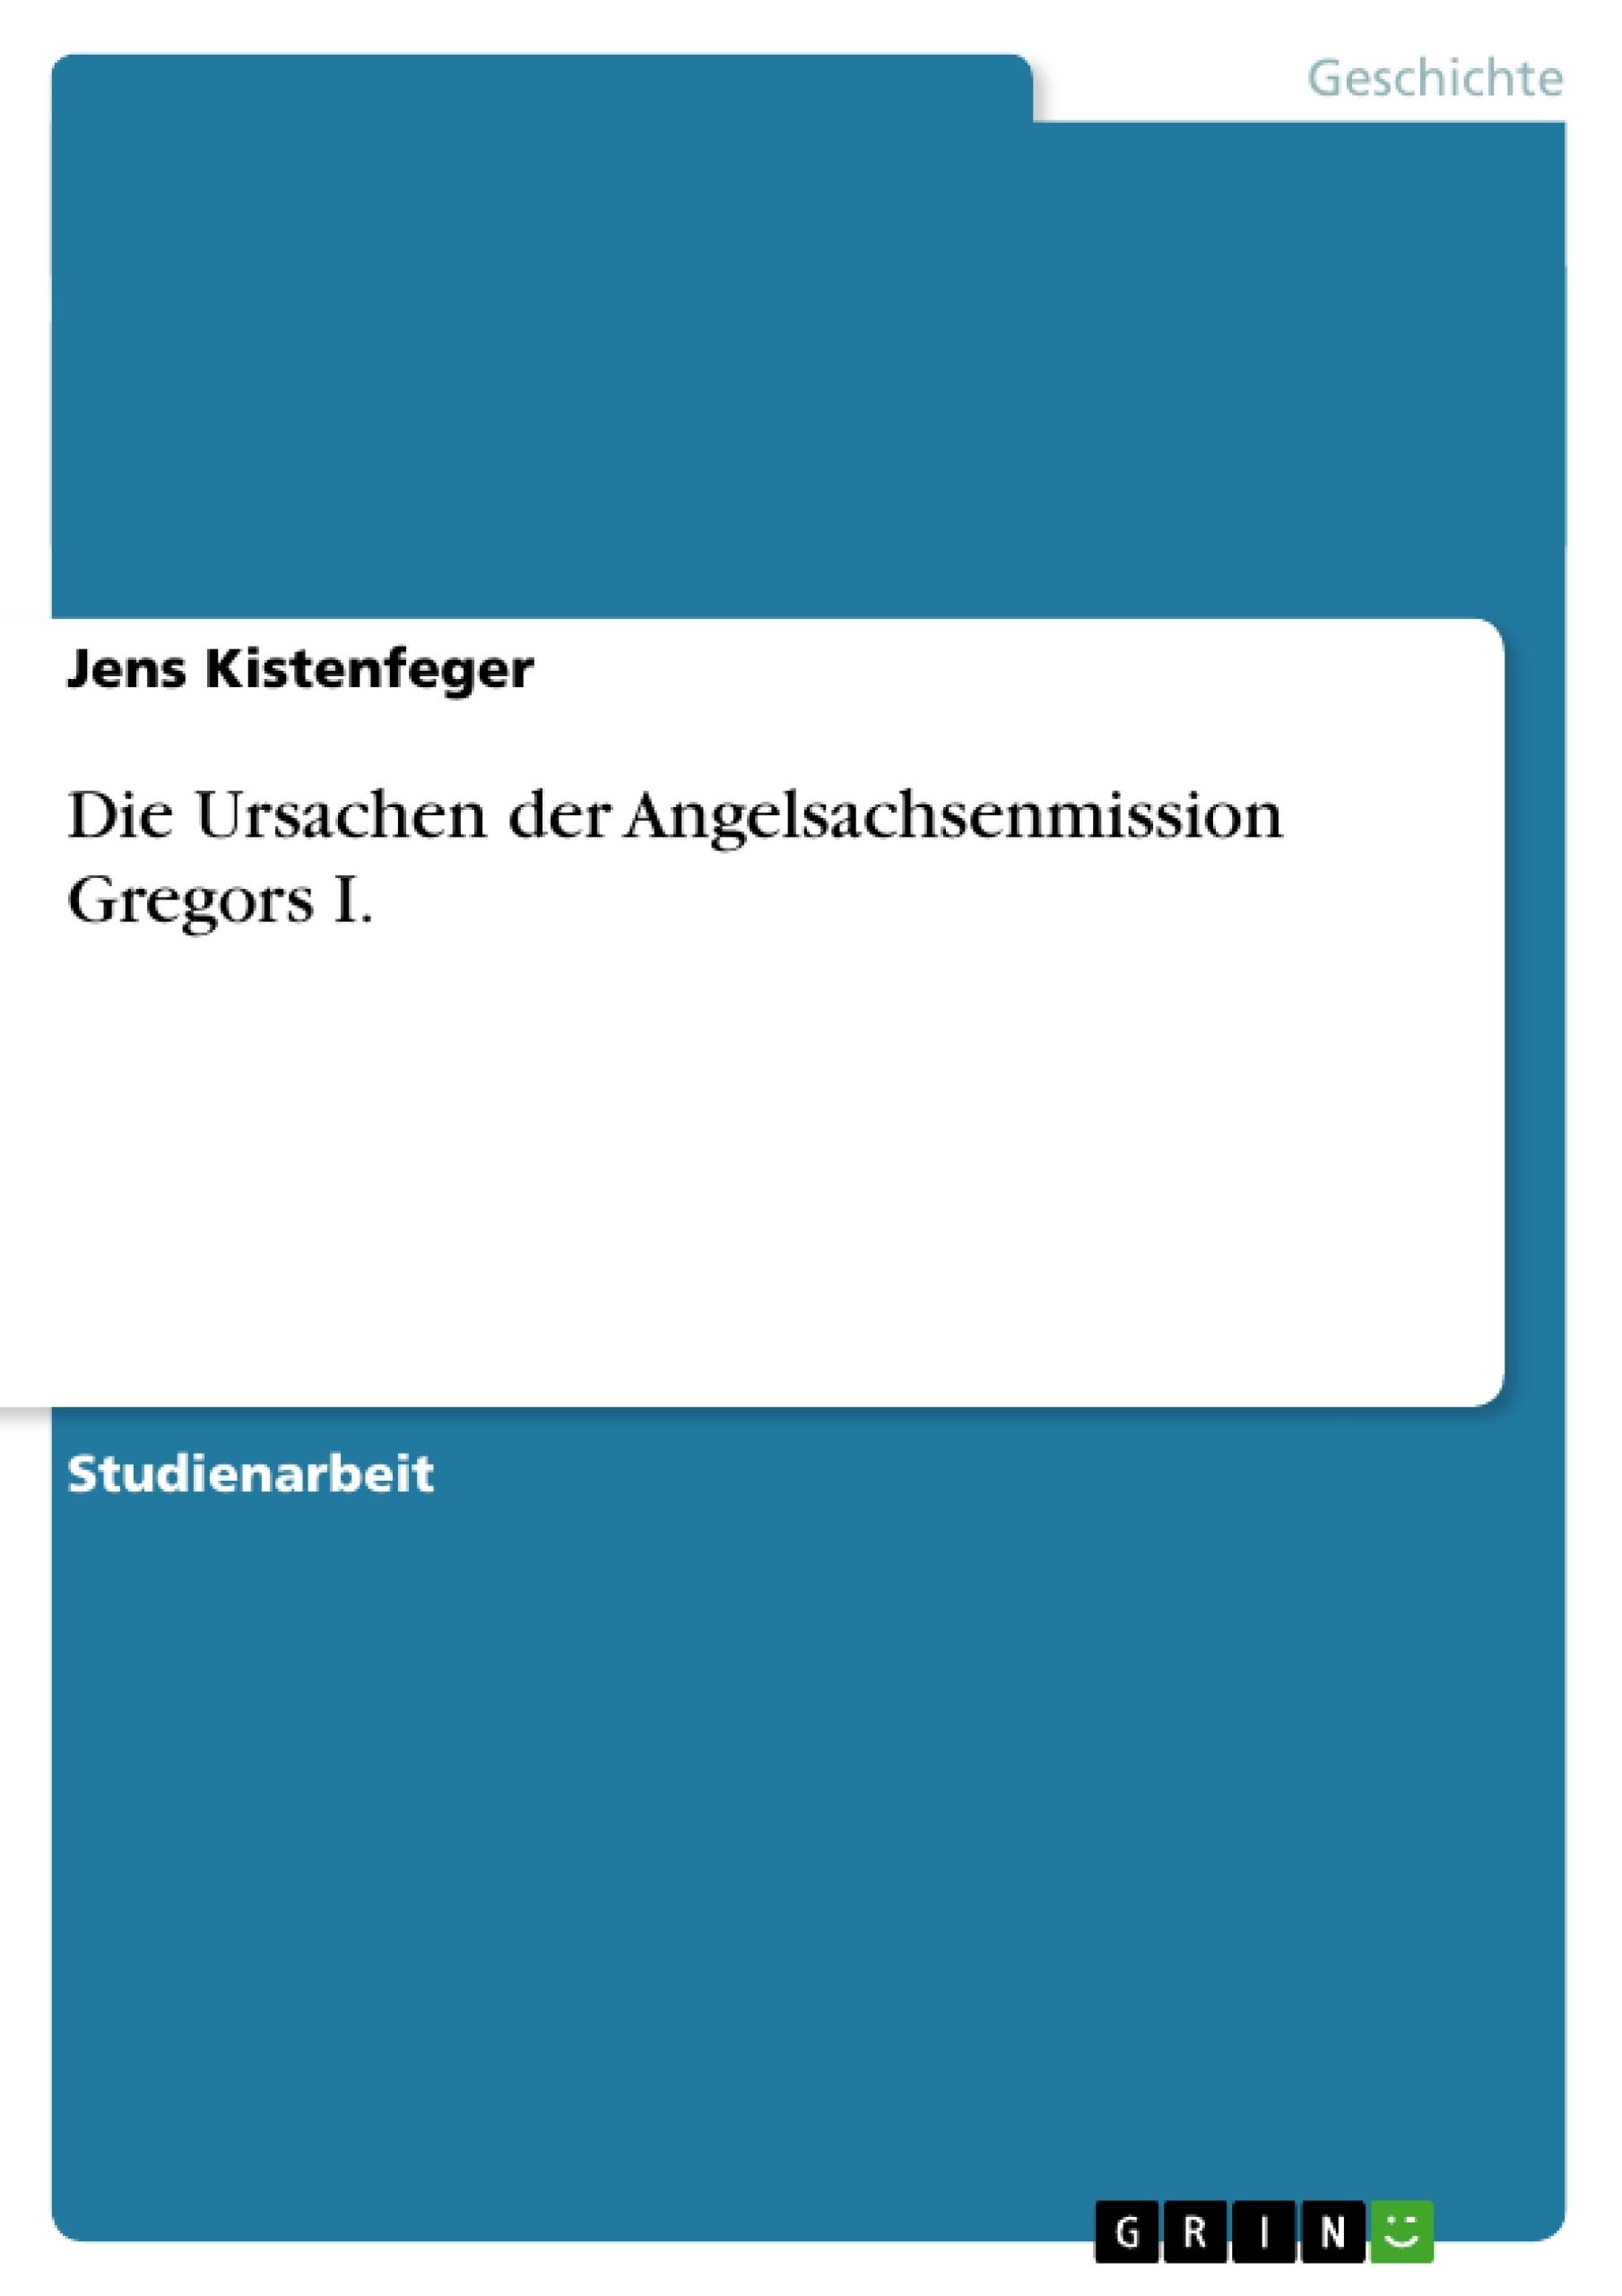 Titel: Die Ursachen der Angelsachsenmission Gregors I.